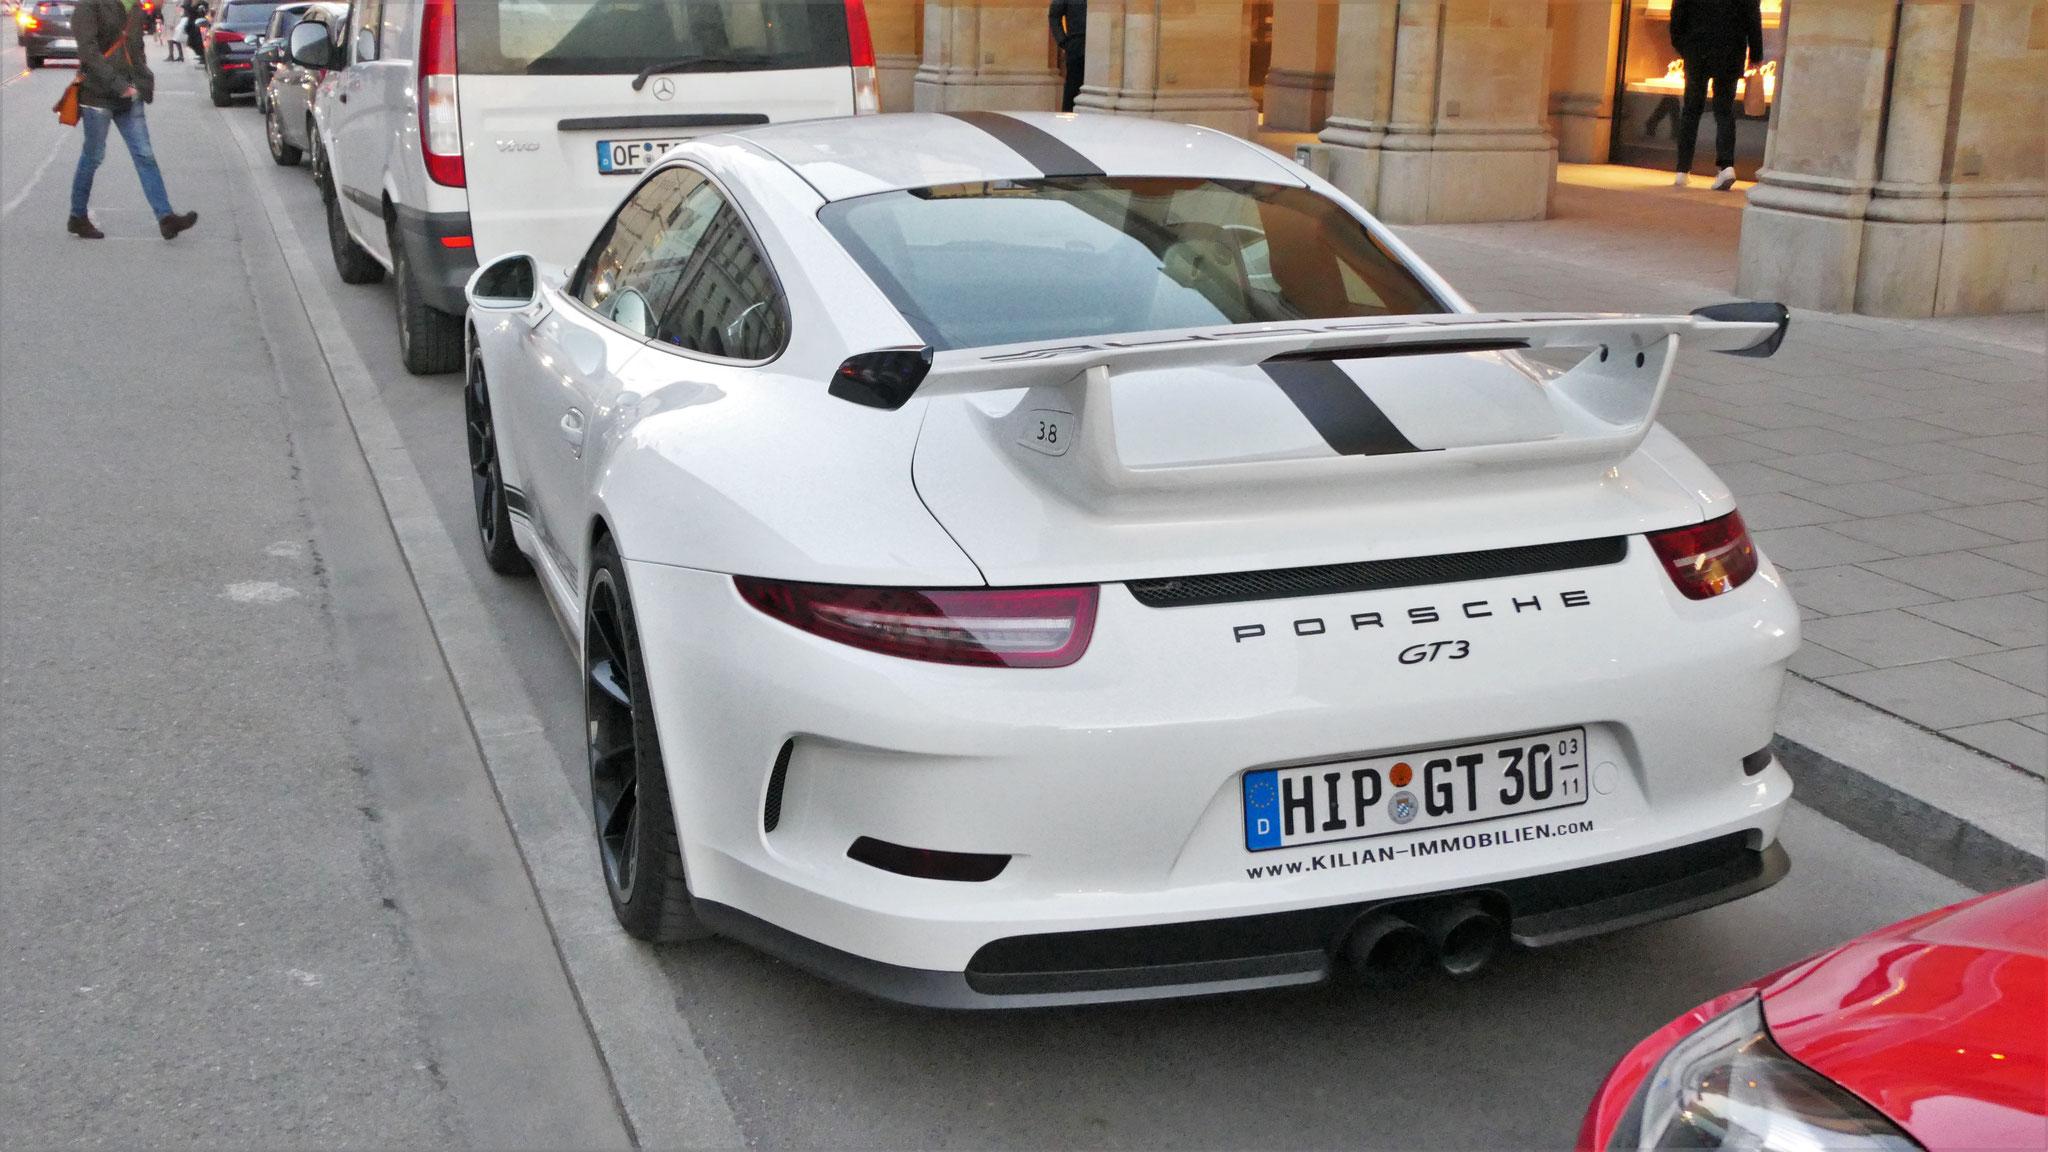 Porsche 991 GT3 - HIP-GT-30